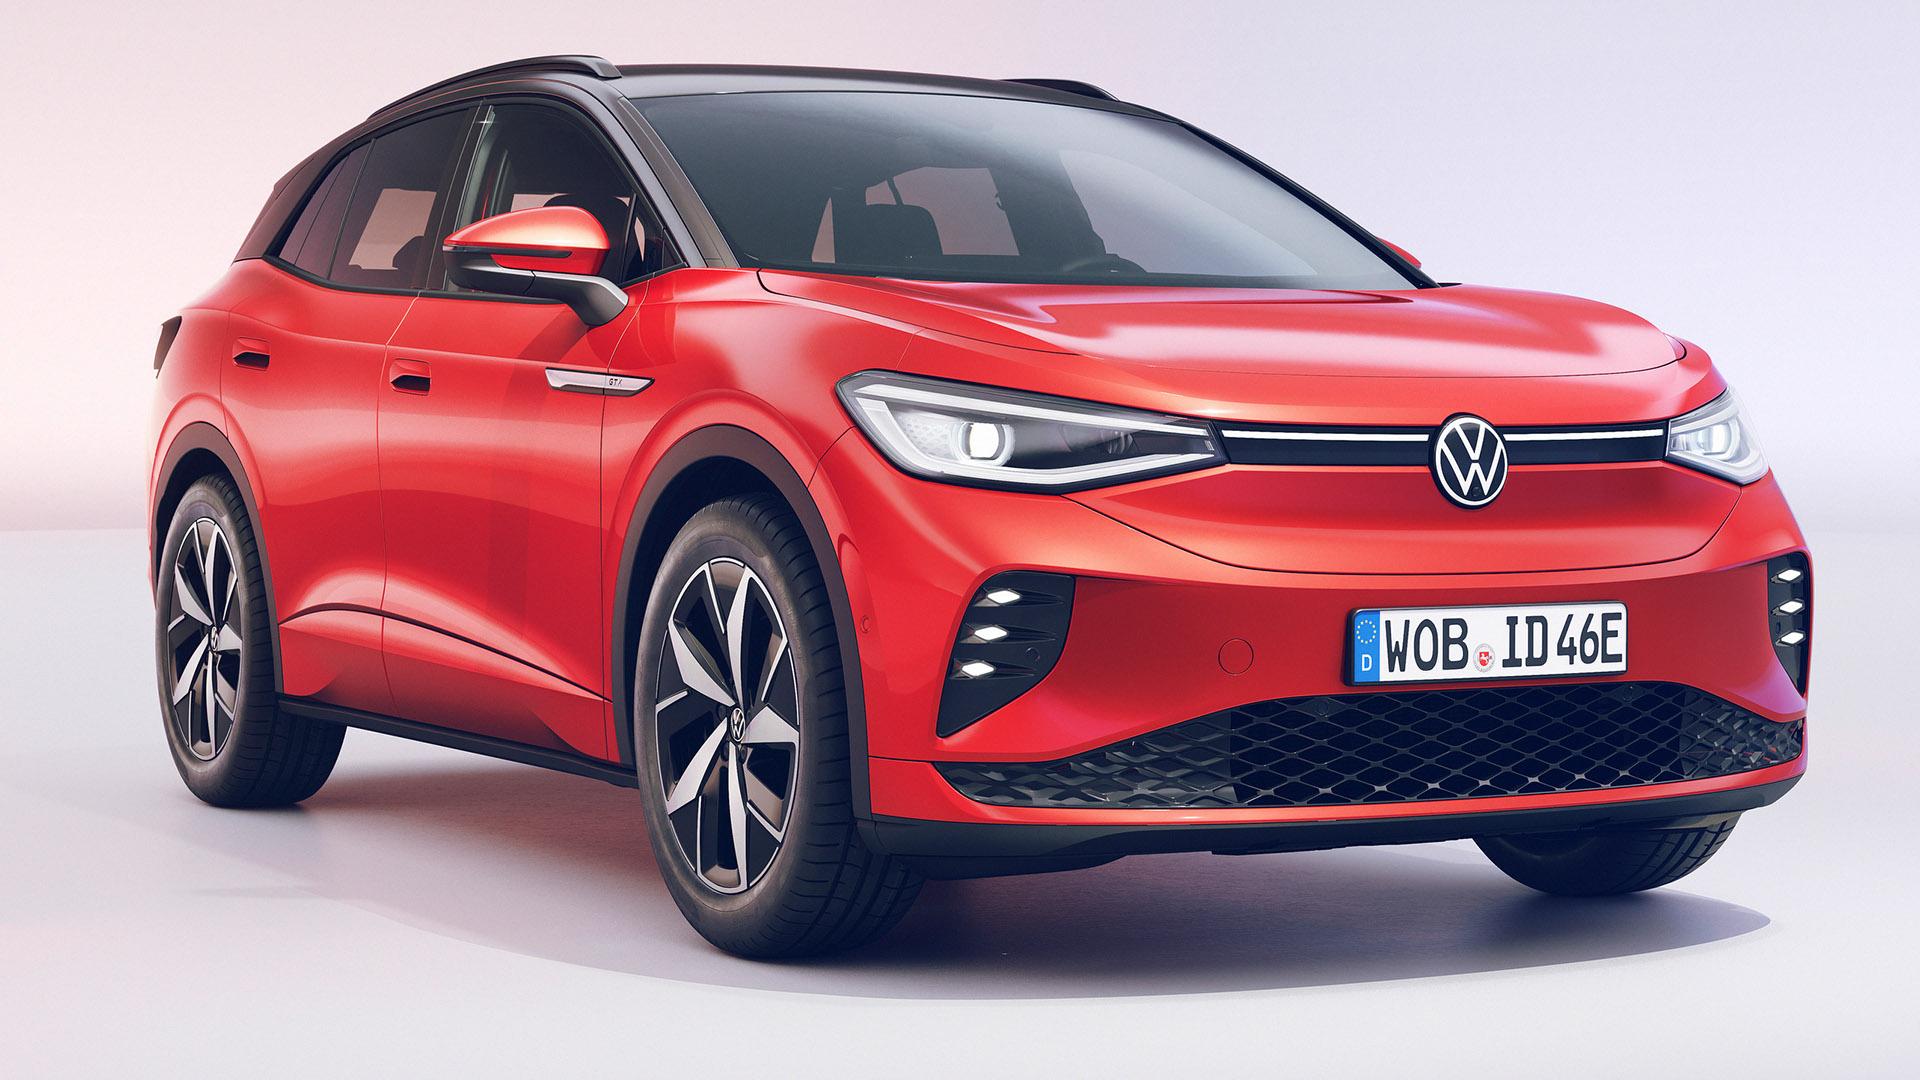 Volkswagen ID,4 GTX